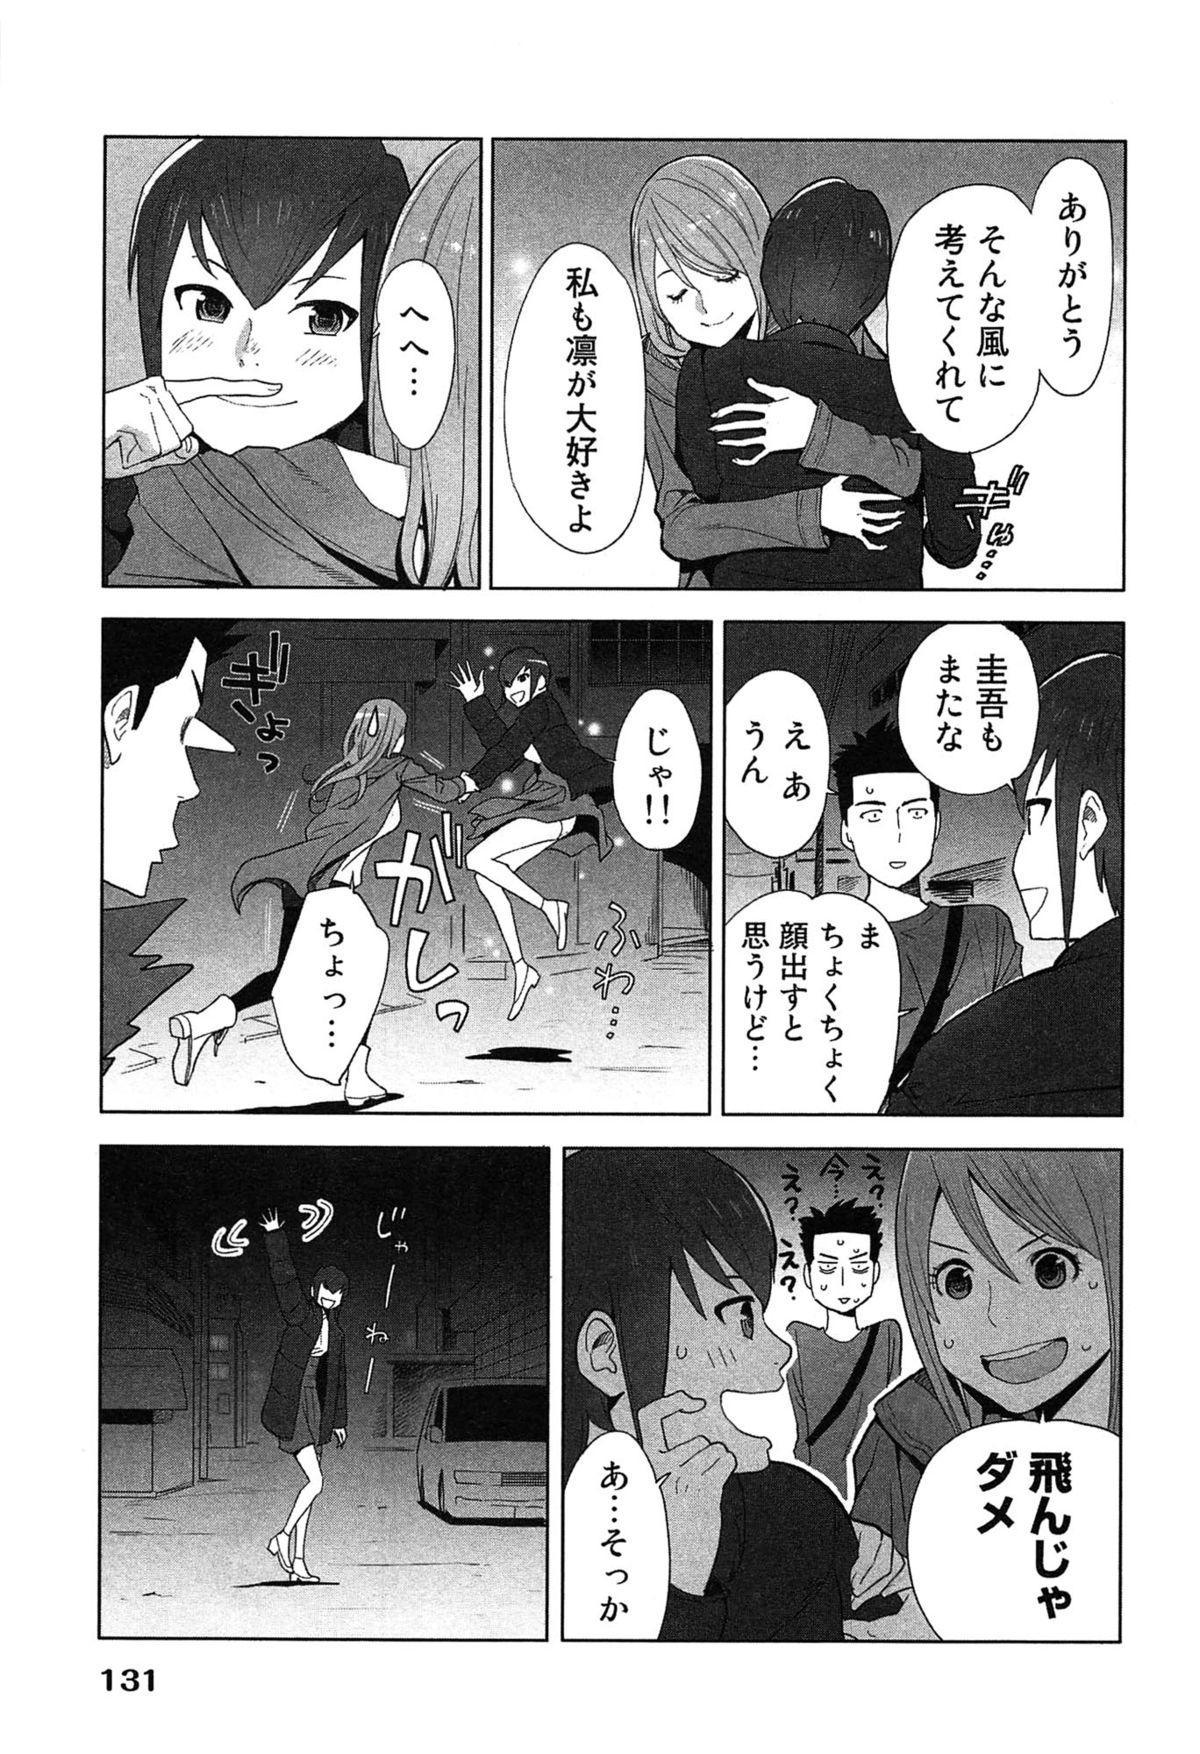 Megami to Ichinen Kura Shite Mita. 2 134